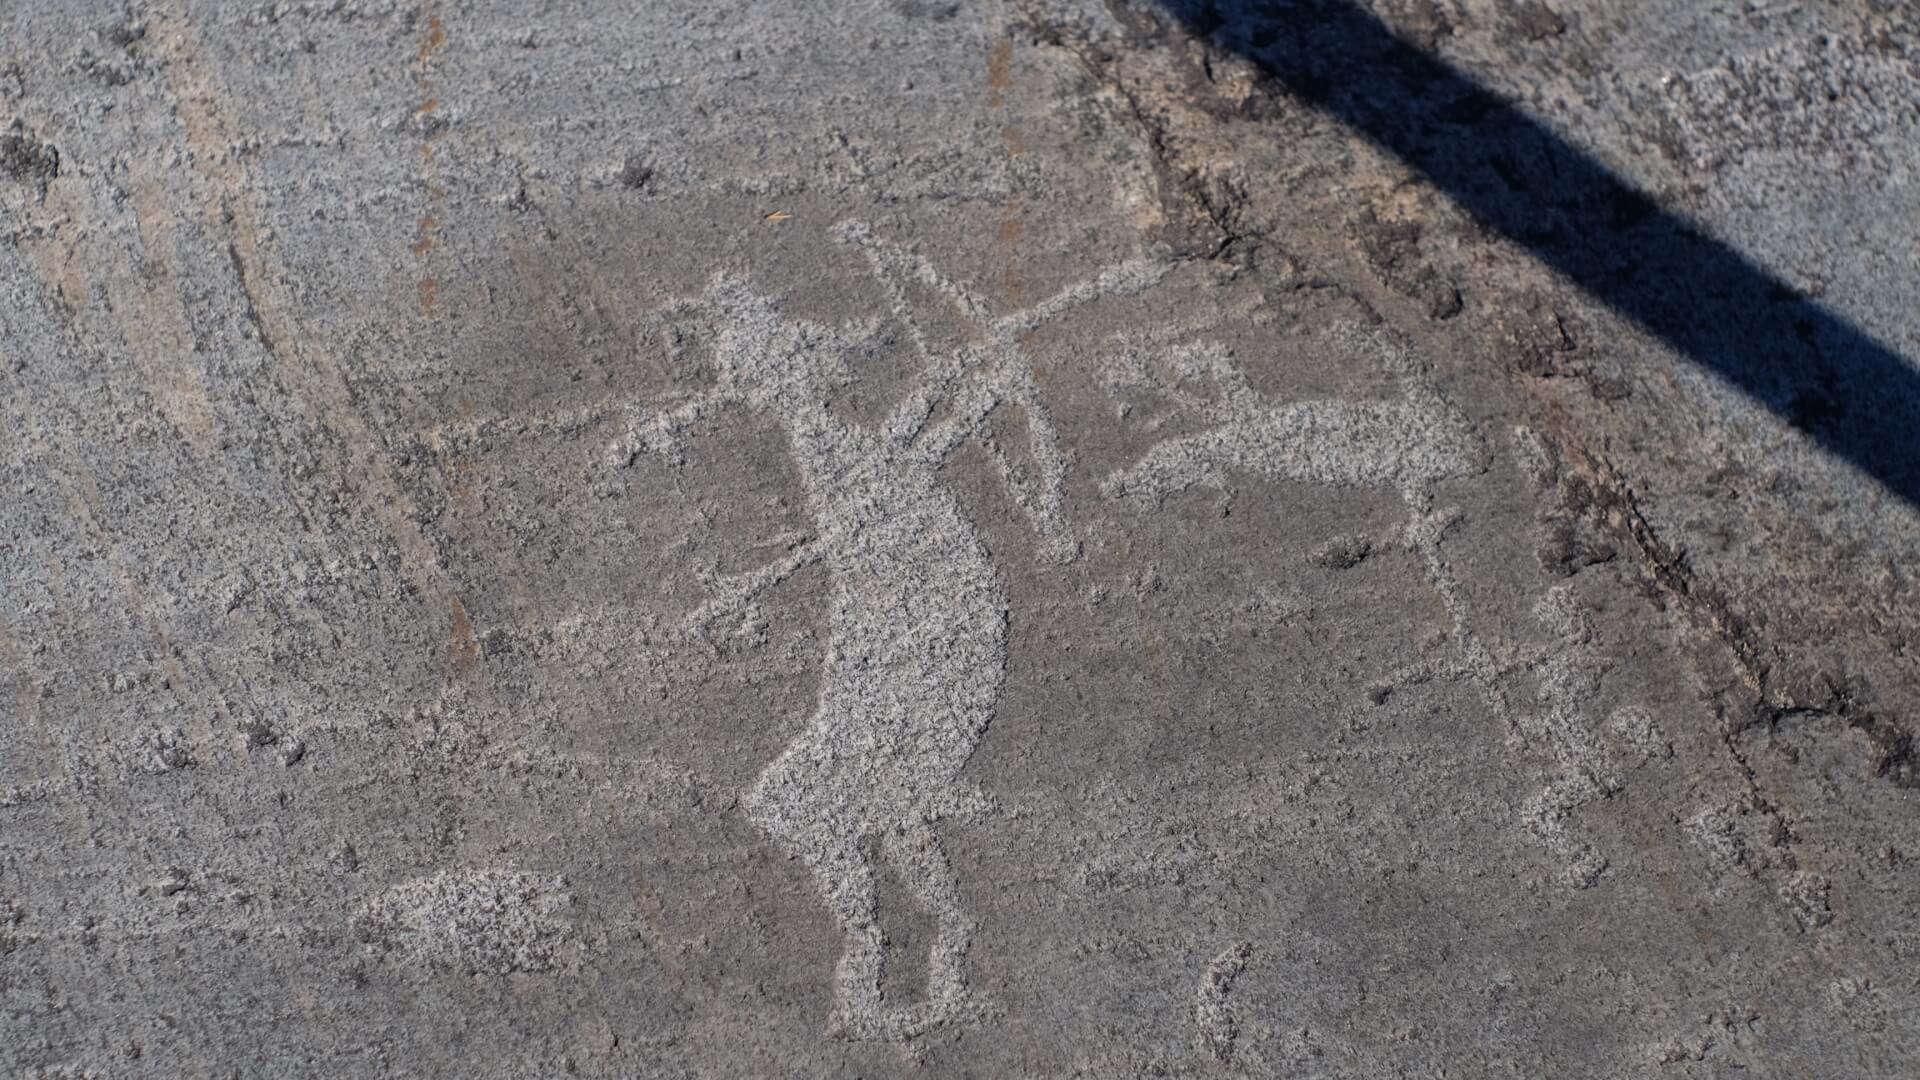 петроглиф человек стреляет из лука